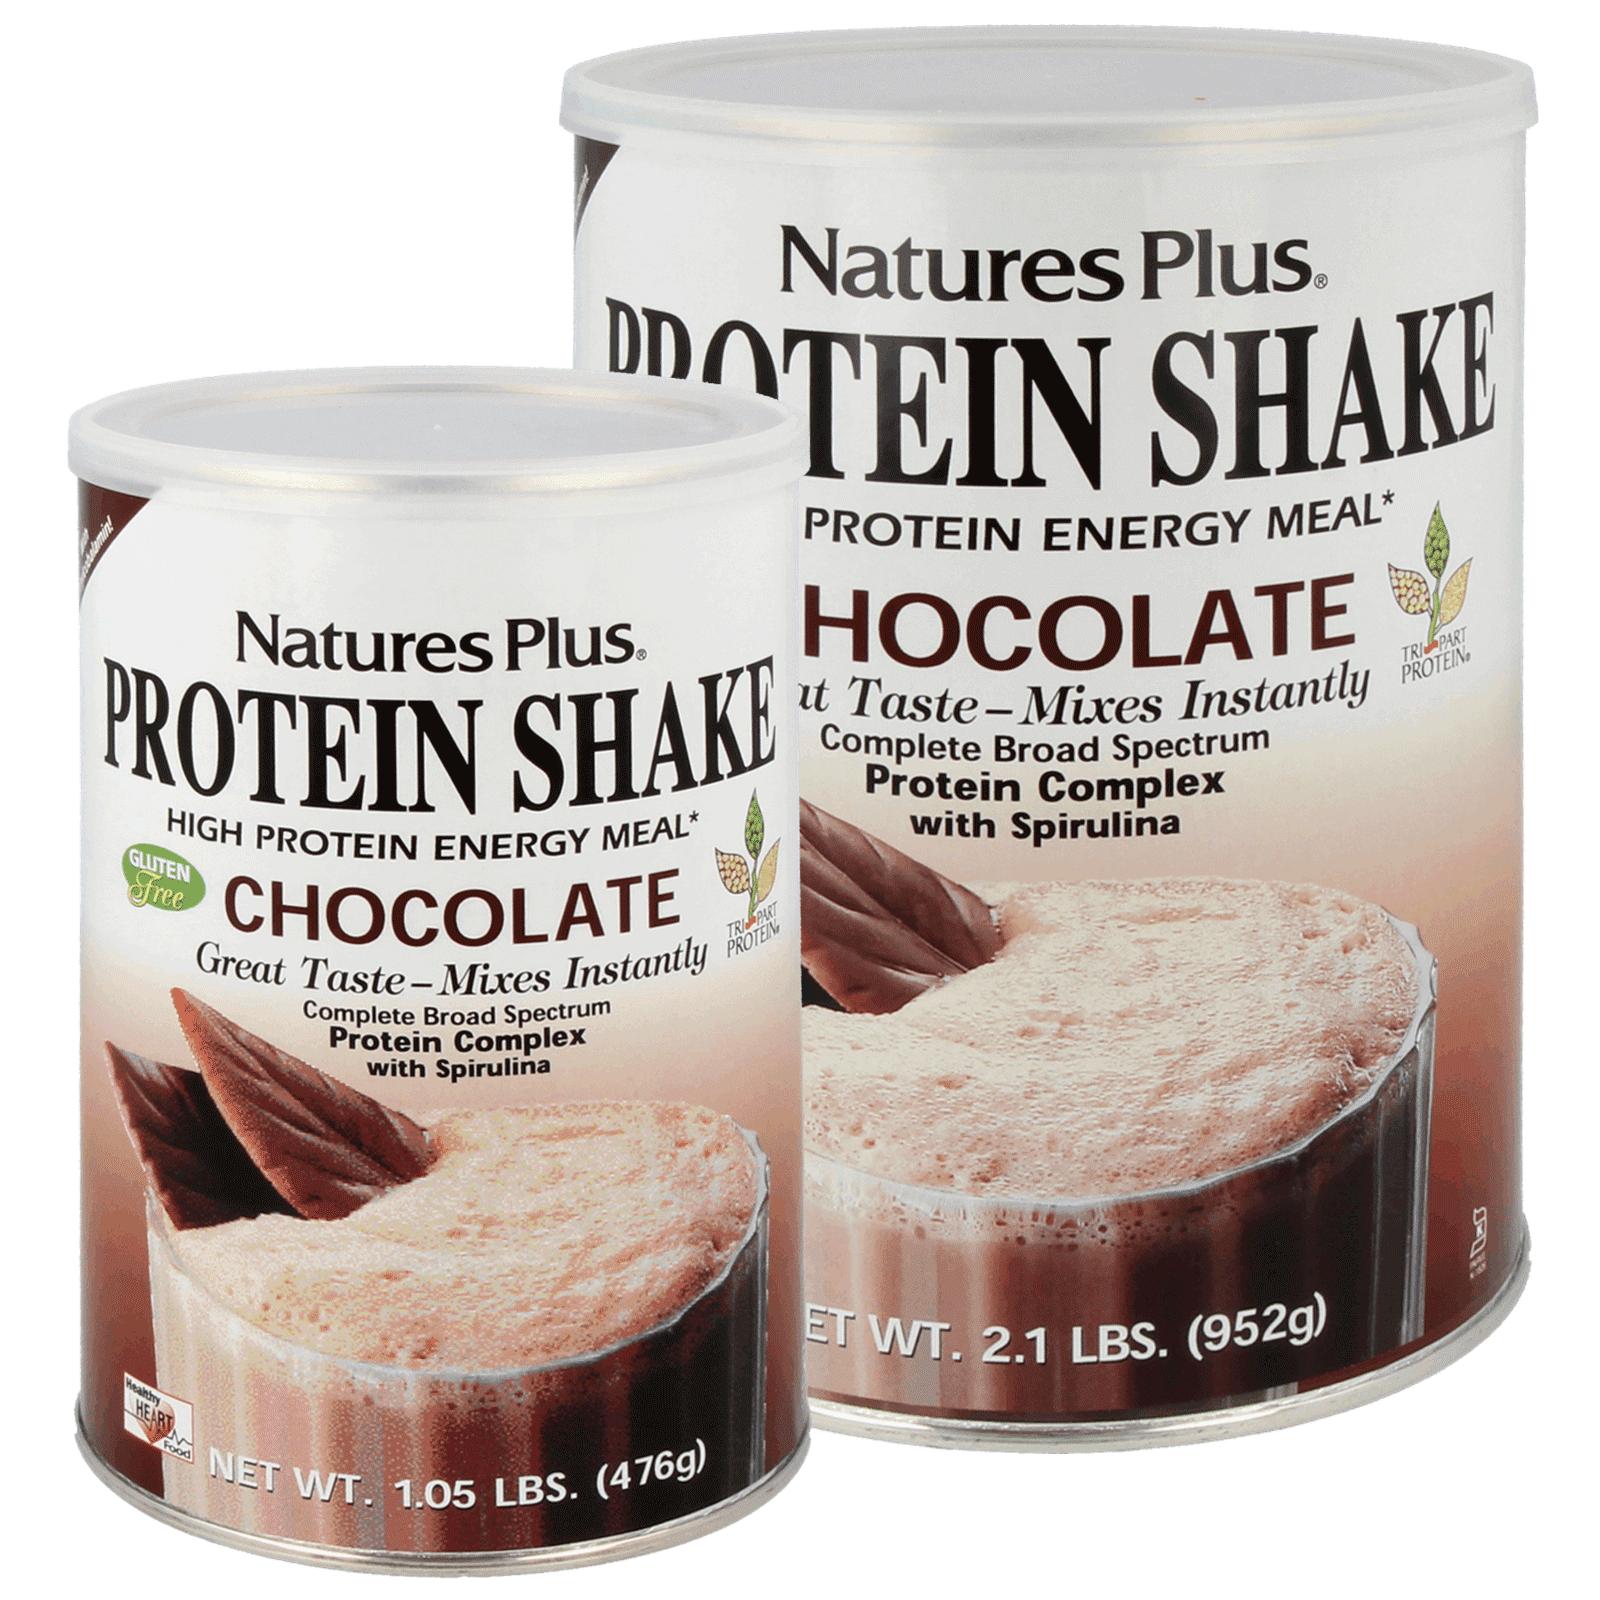 Protein Shake - Chocolate